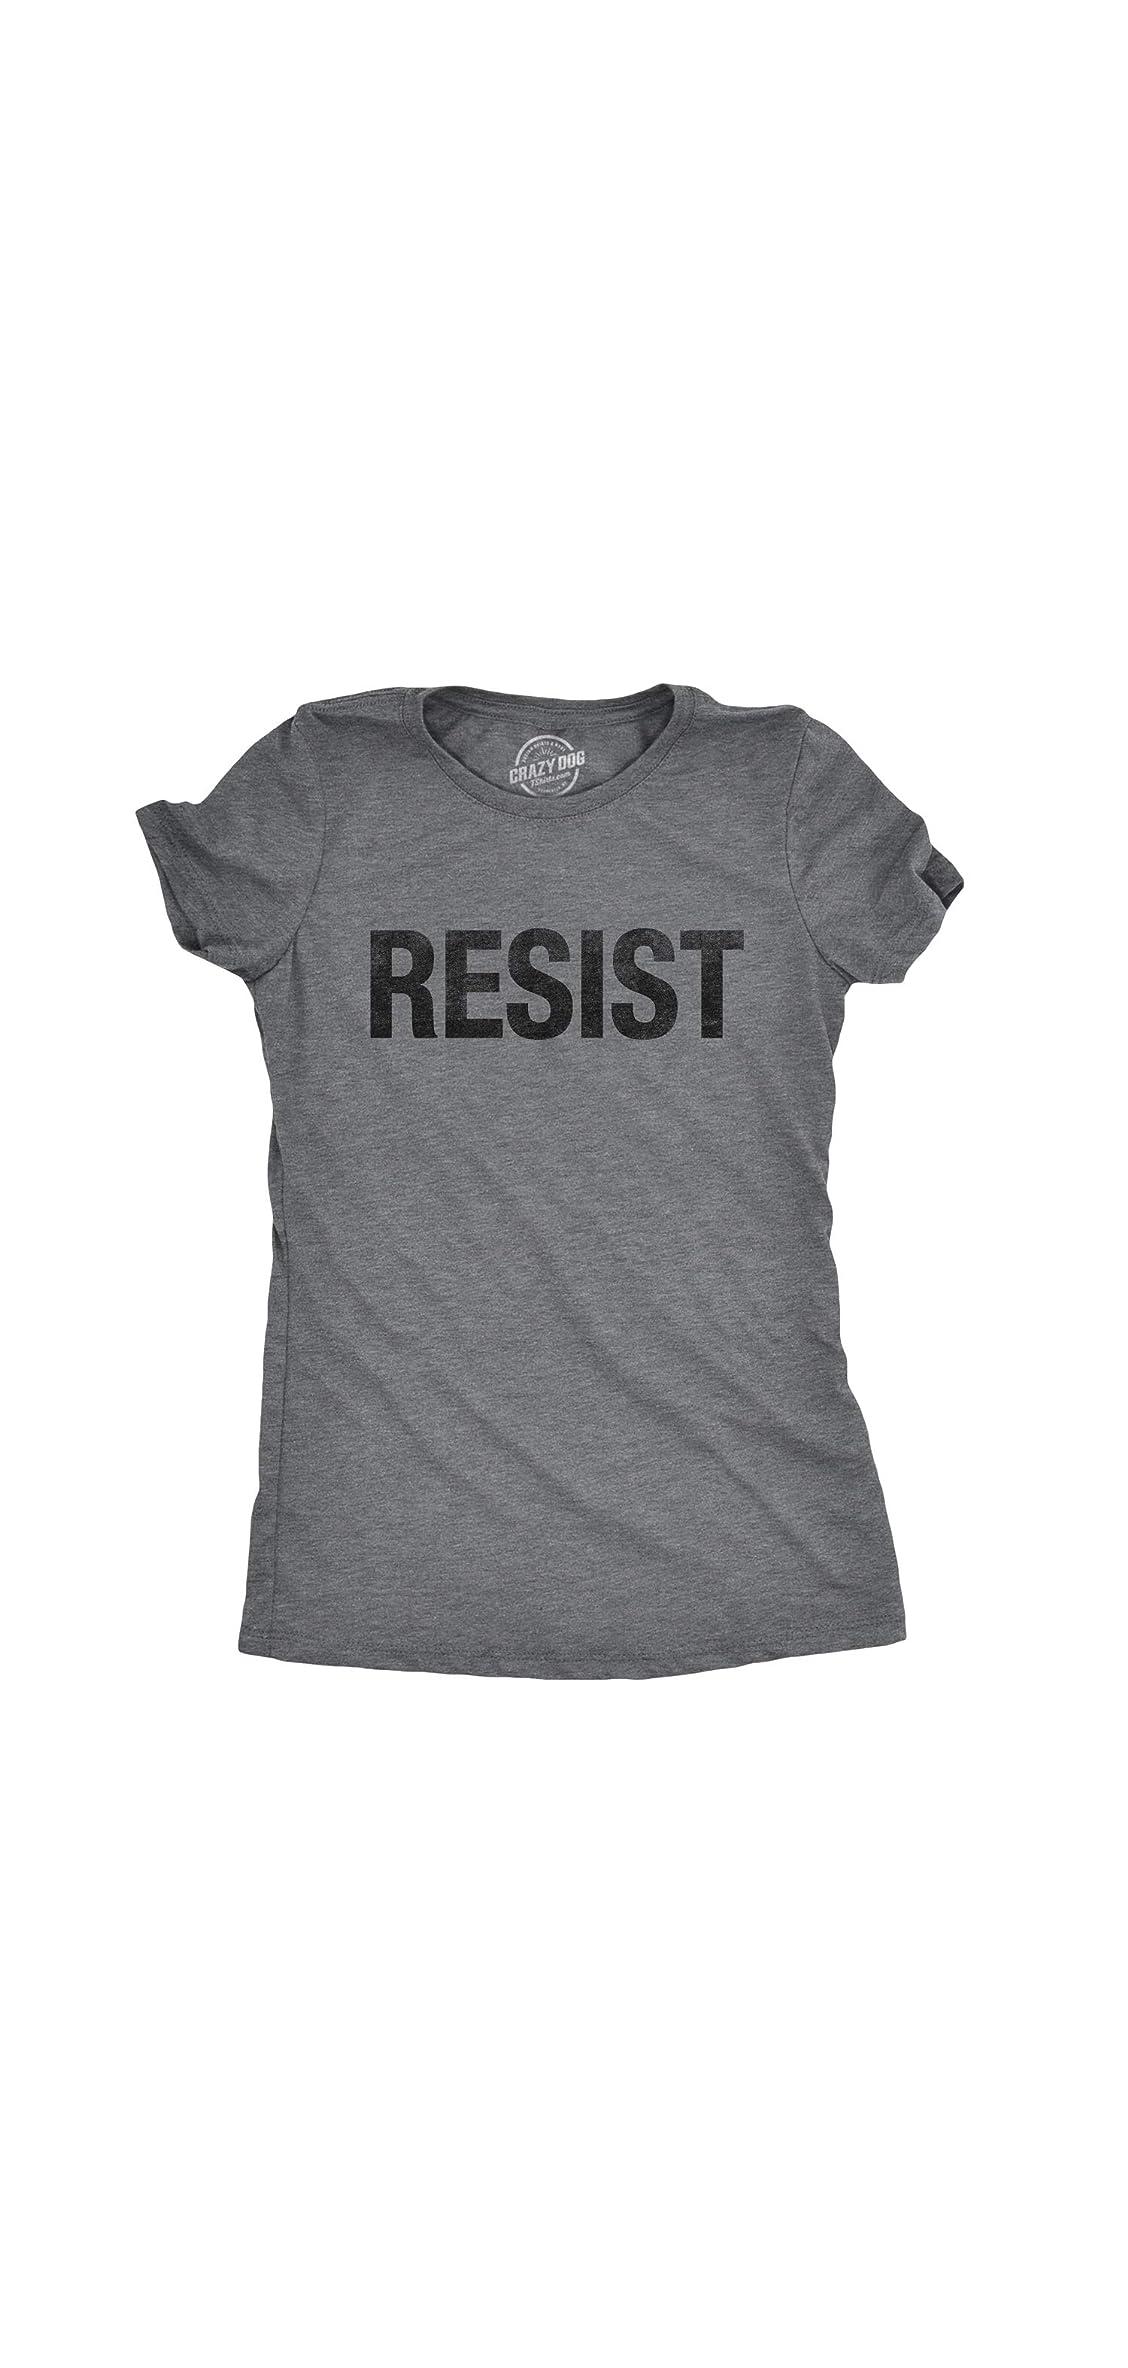 Womens Resist T Shirt Political Anti Trump